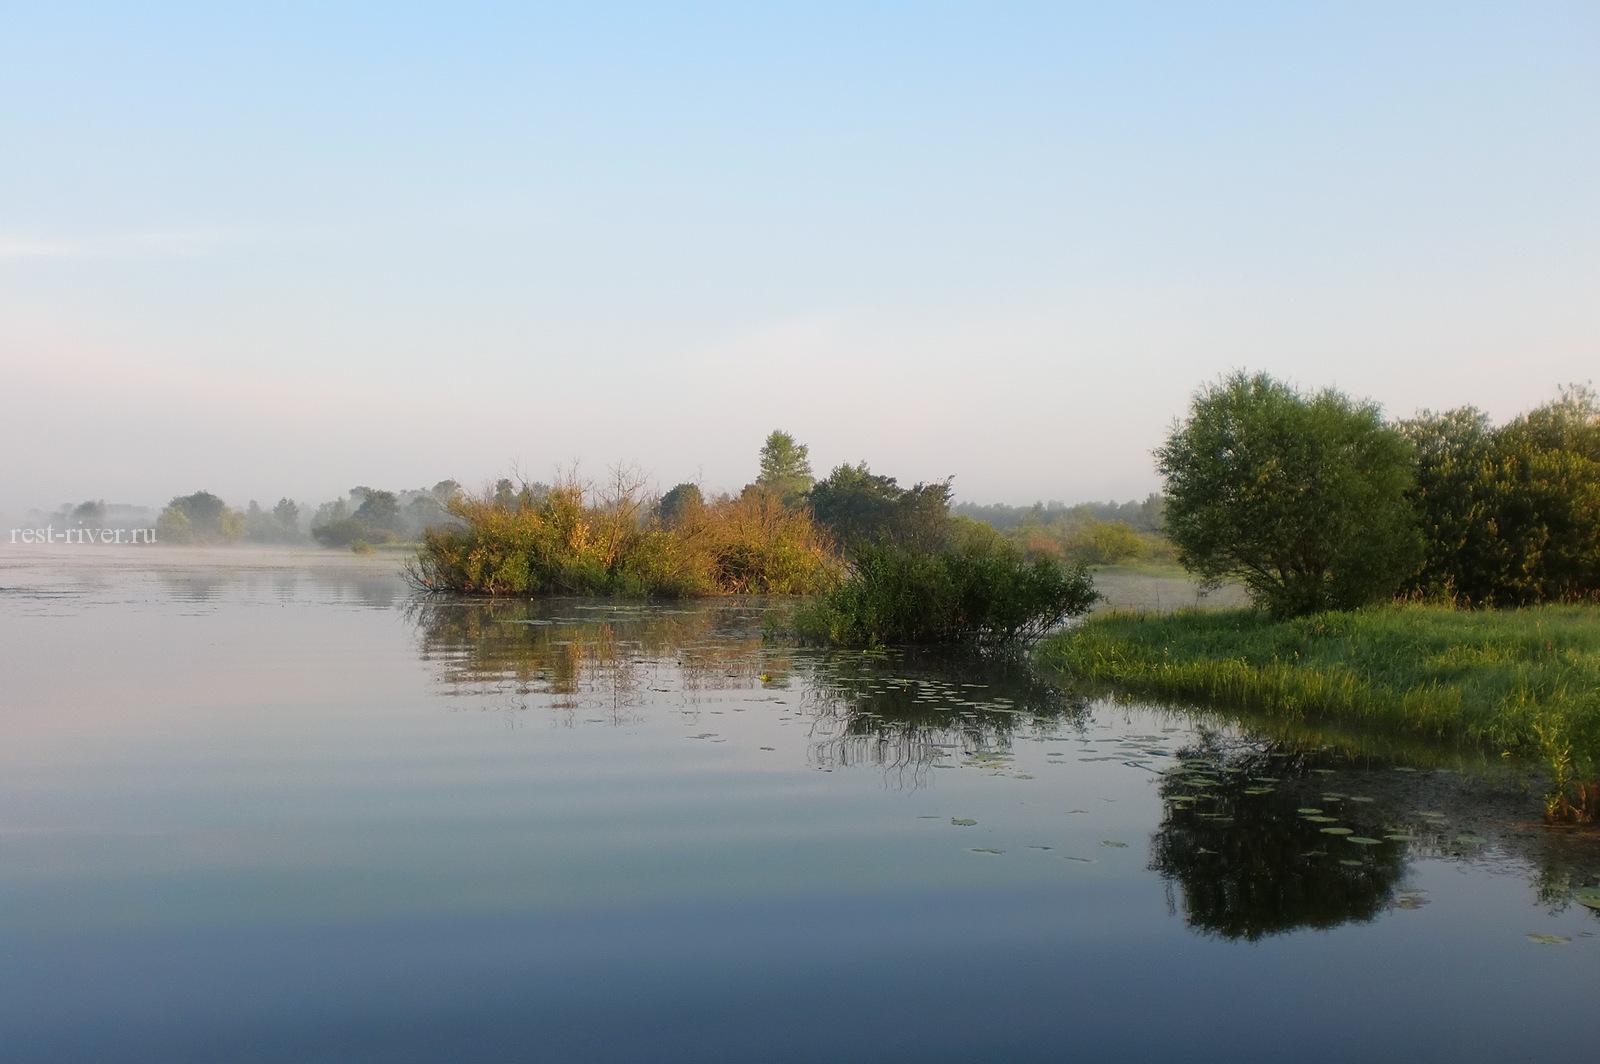 образует картинки реки золотоношка в драбове мира